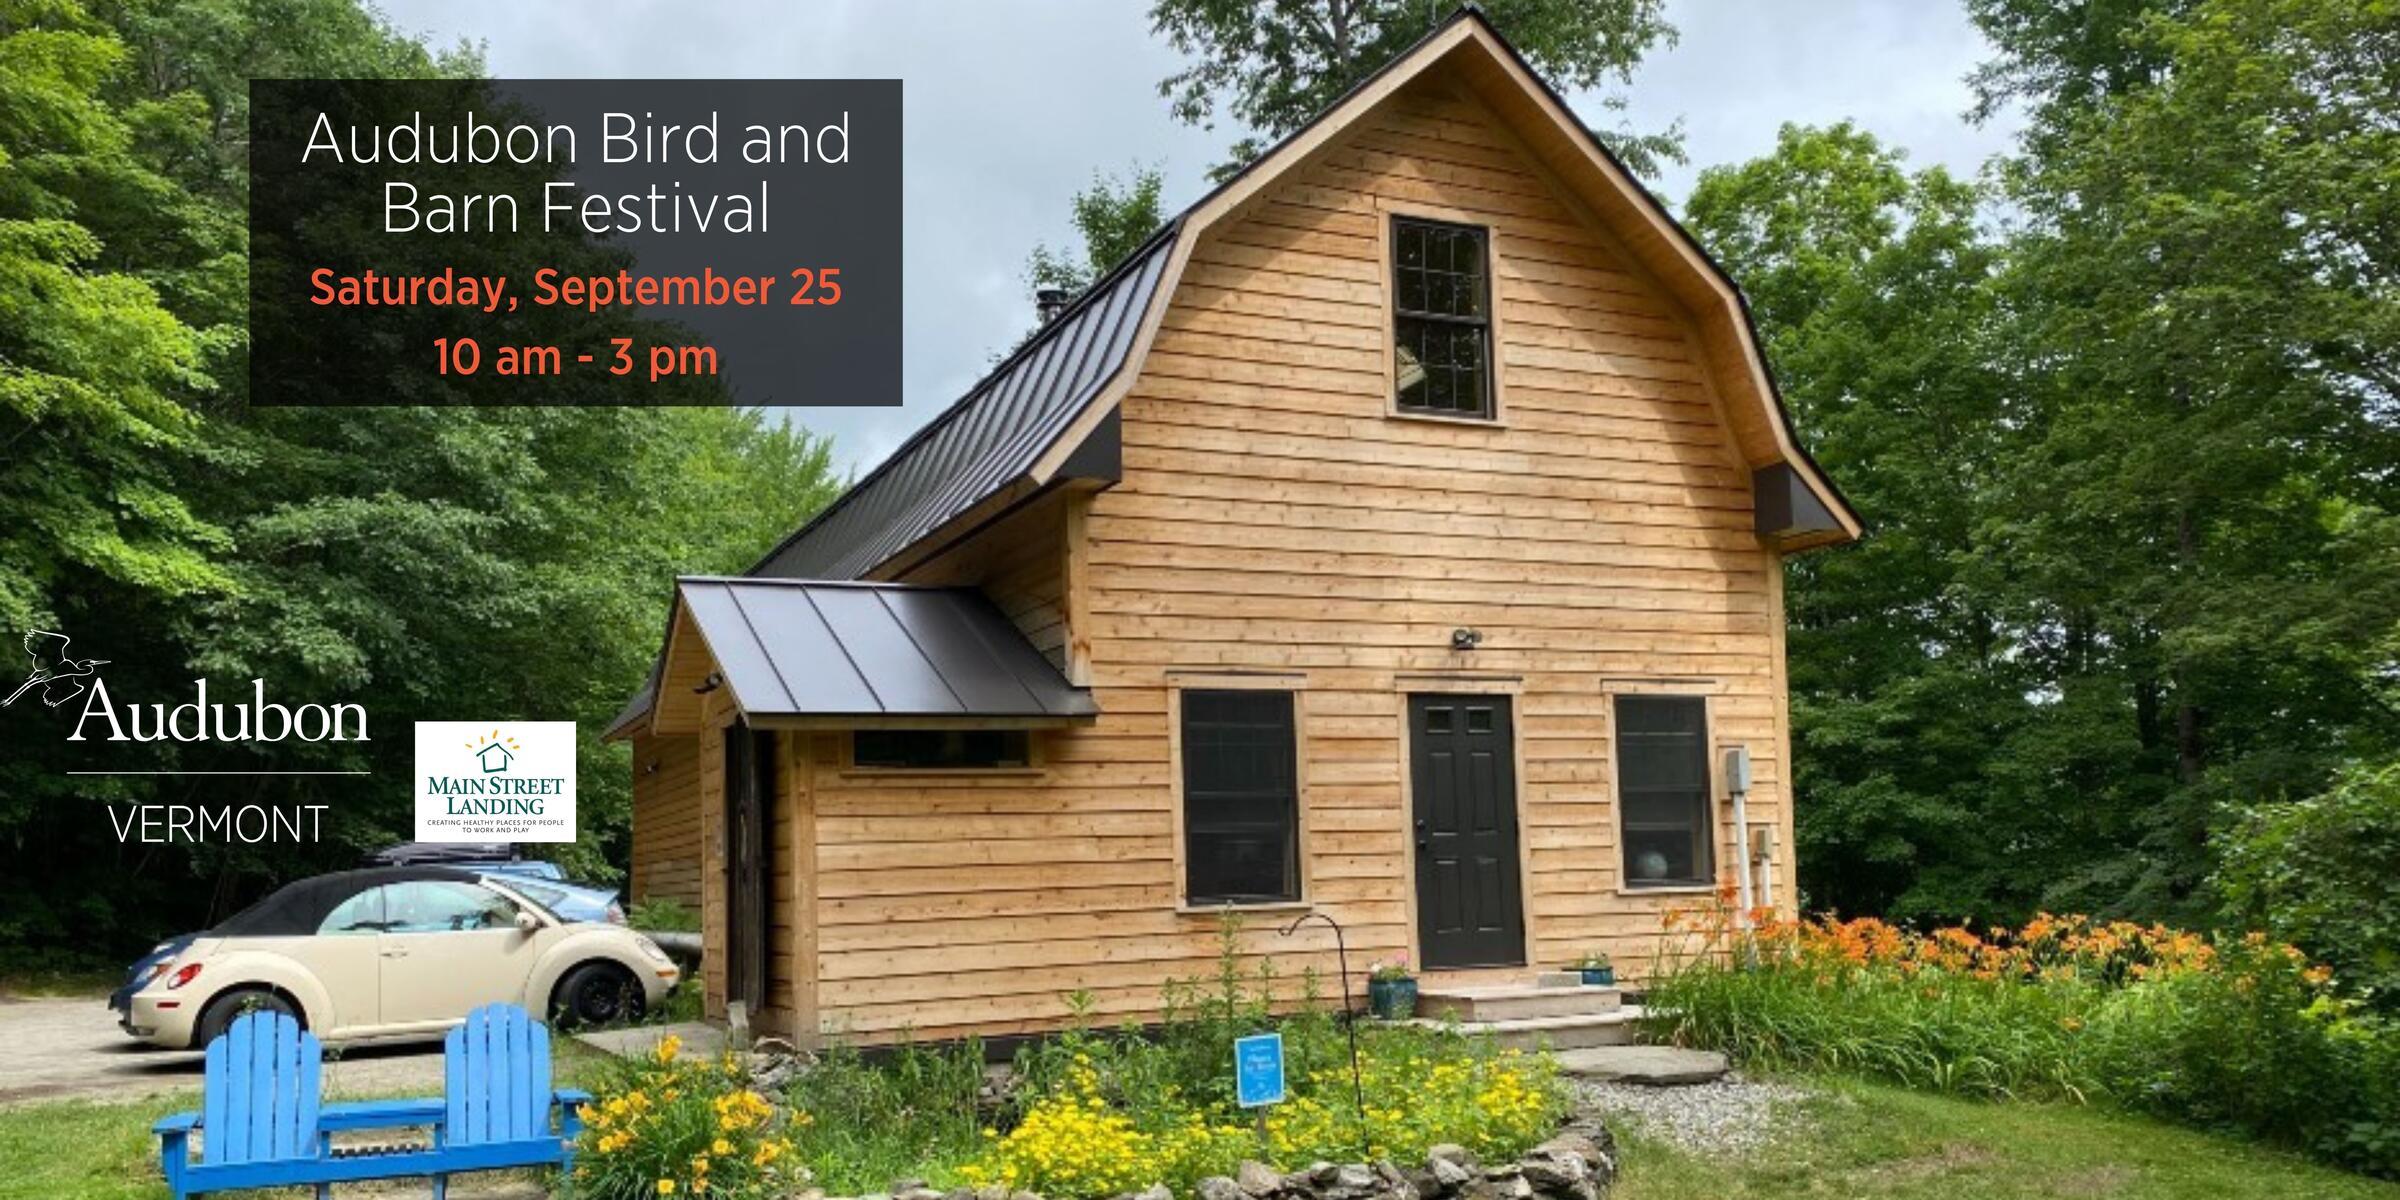 Audubon Vermont's Education Barn